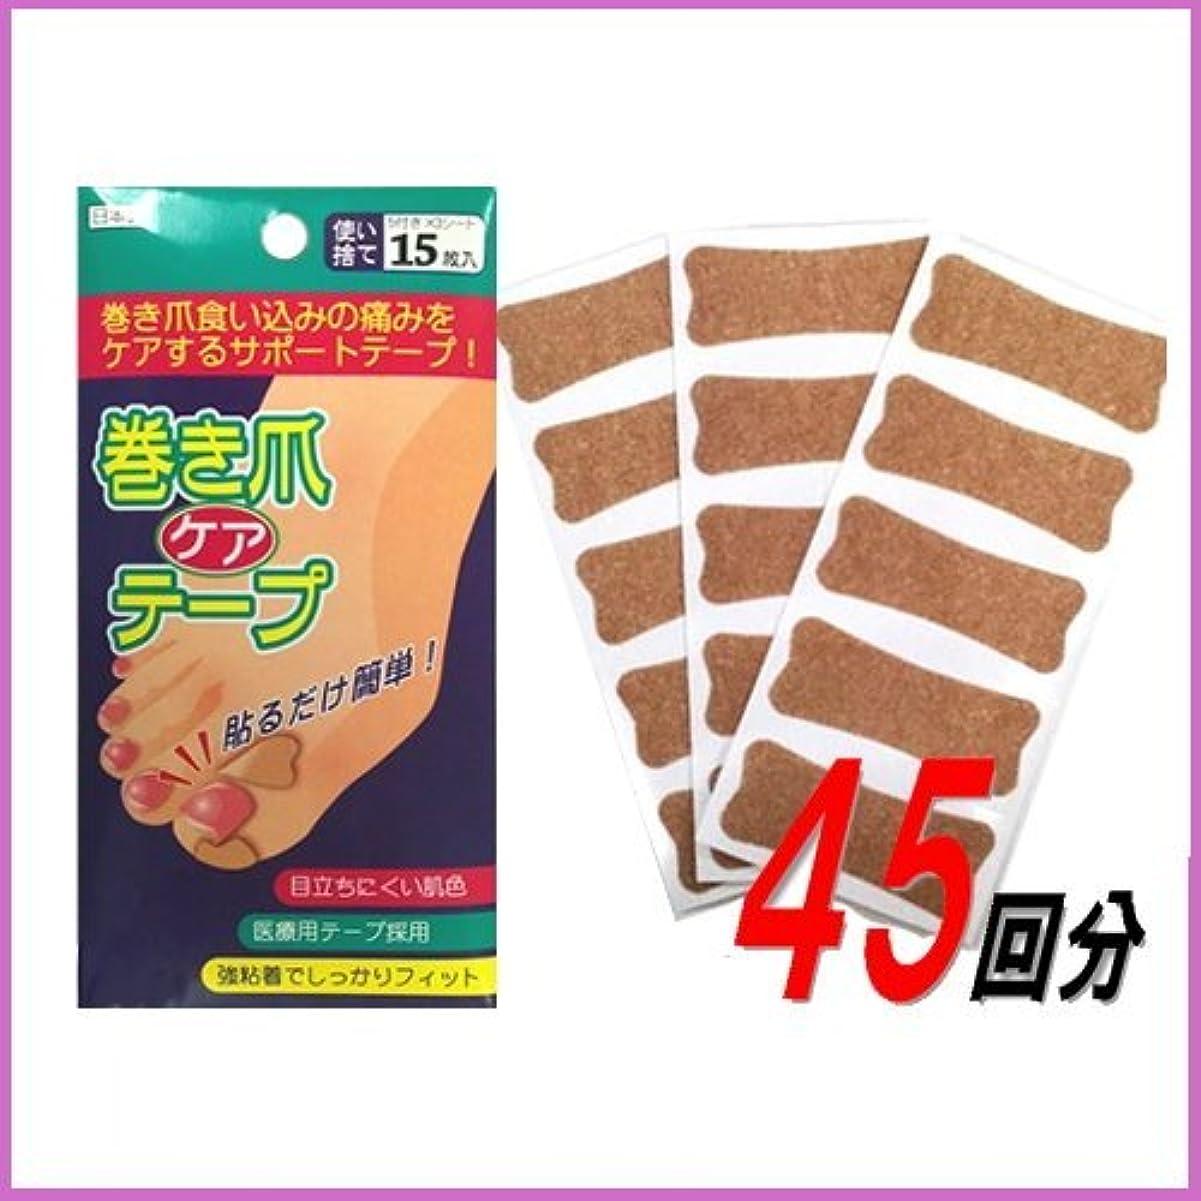 消毒剤深いリル巻き爪 テープ 3個セット ブロック ケア テーピング 日本製